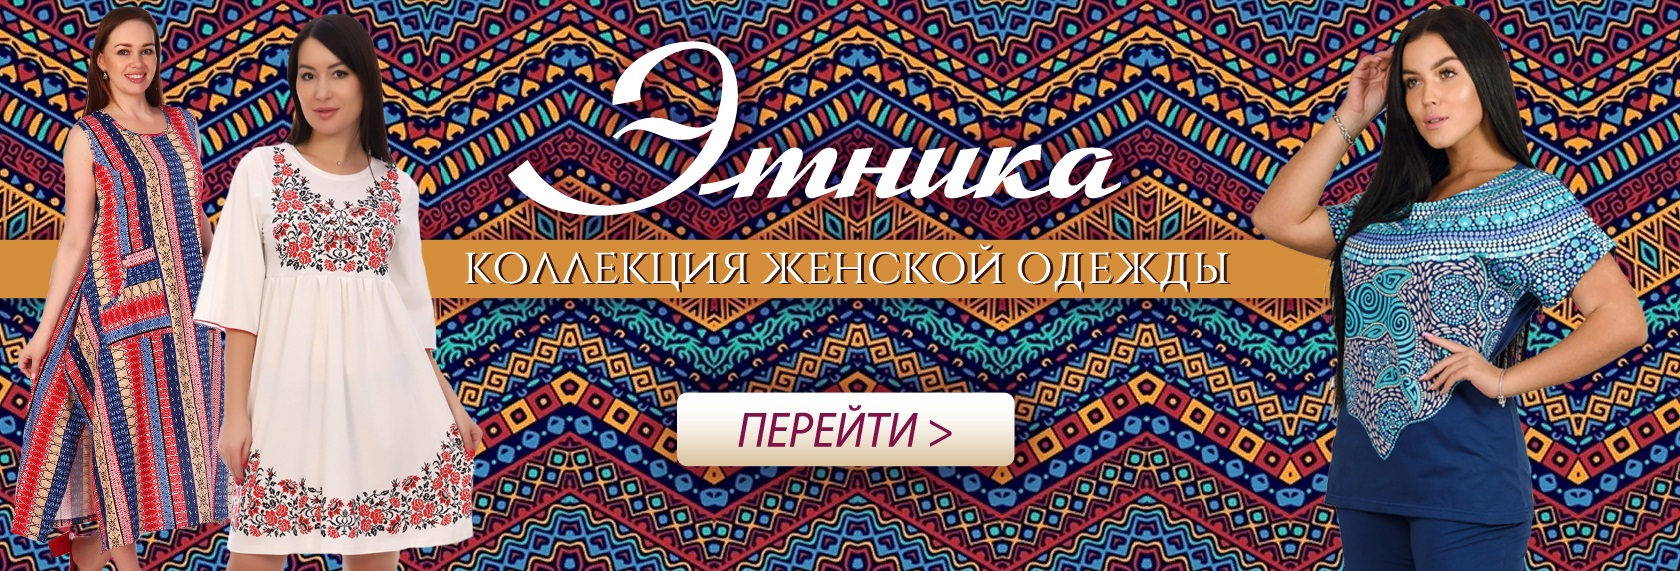 Женская одежда с этническими мотивами I ailery.ru